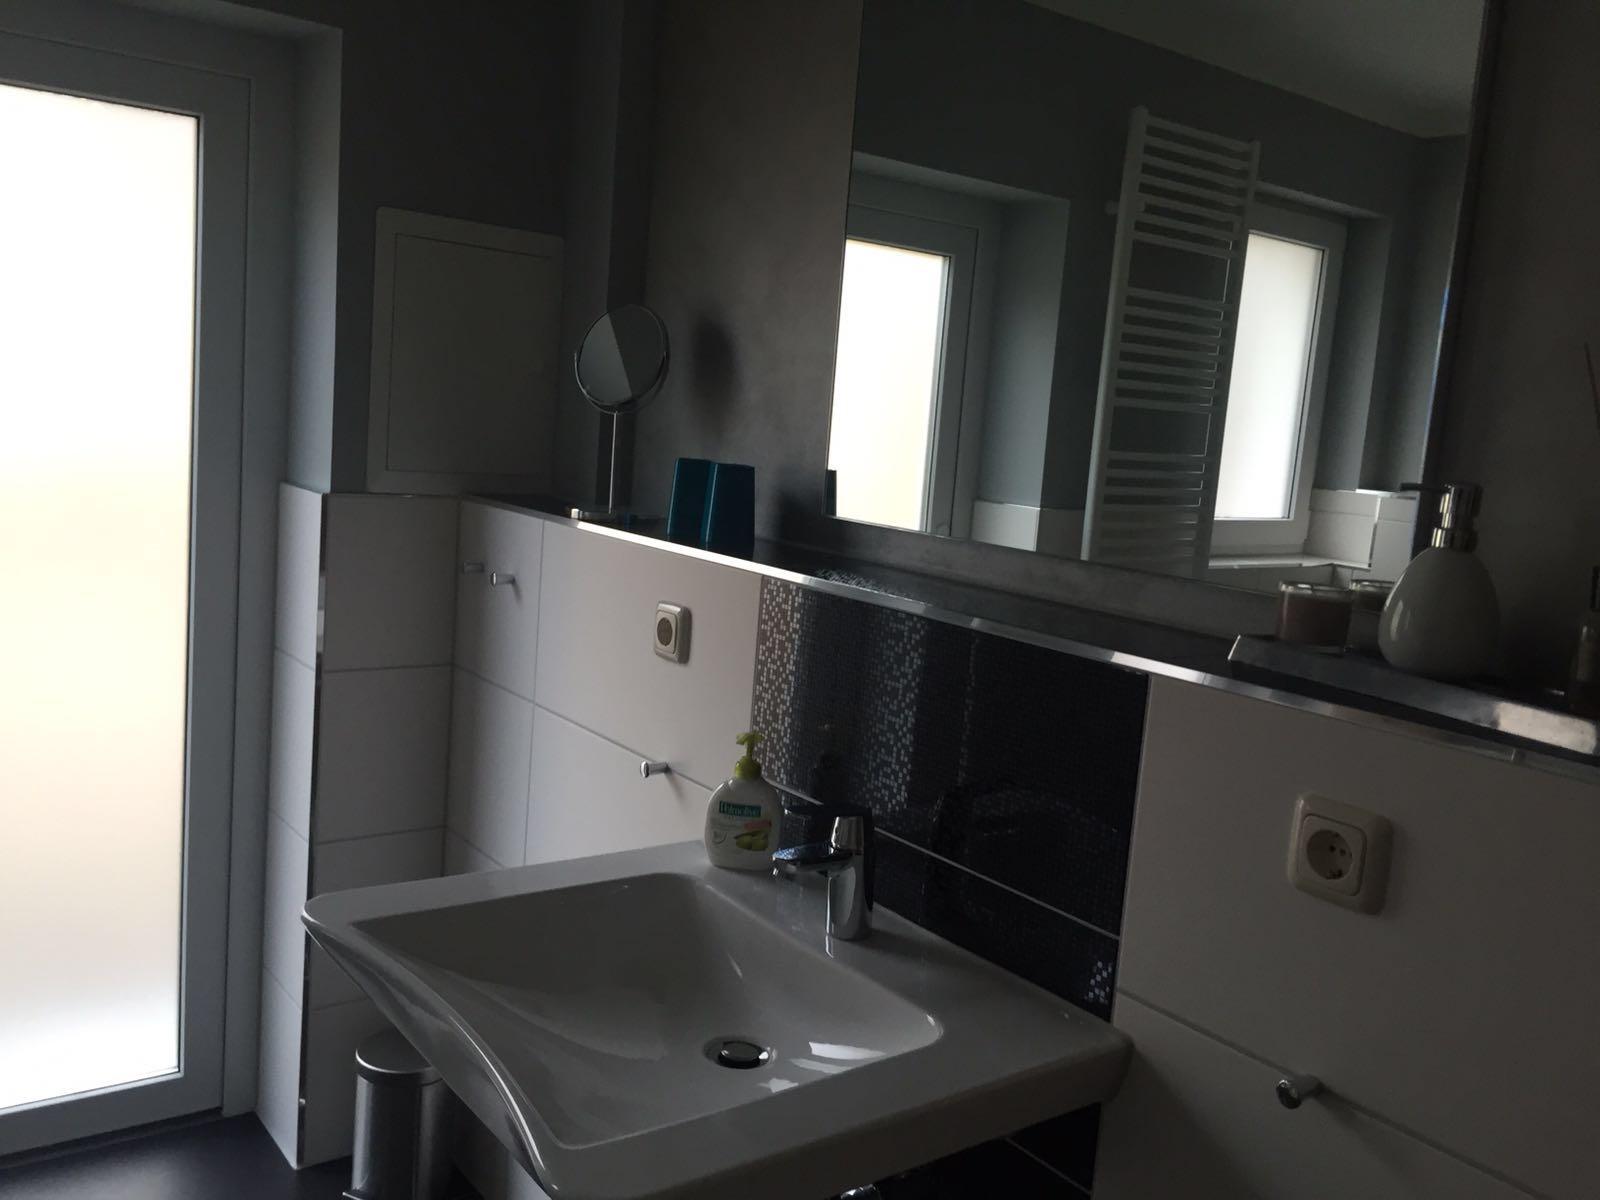 der Waschplatz mit großem, beleuchteten Spiegel